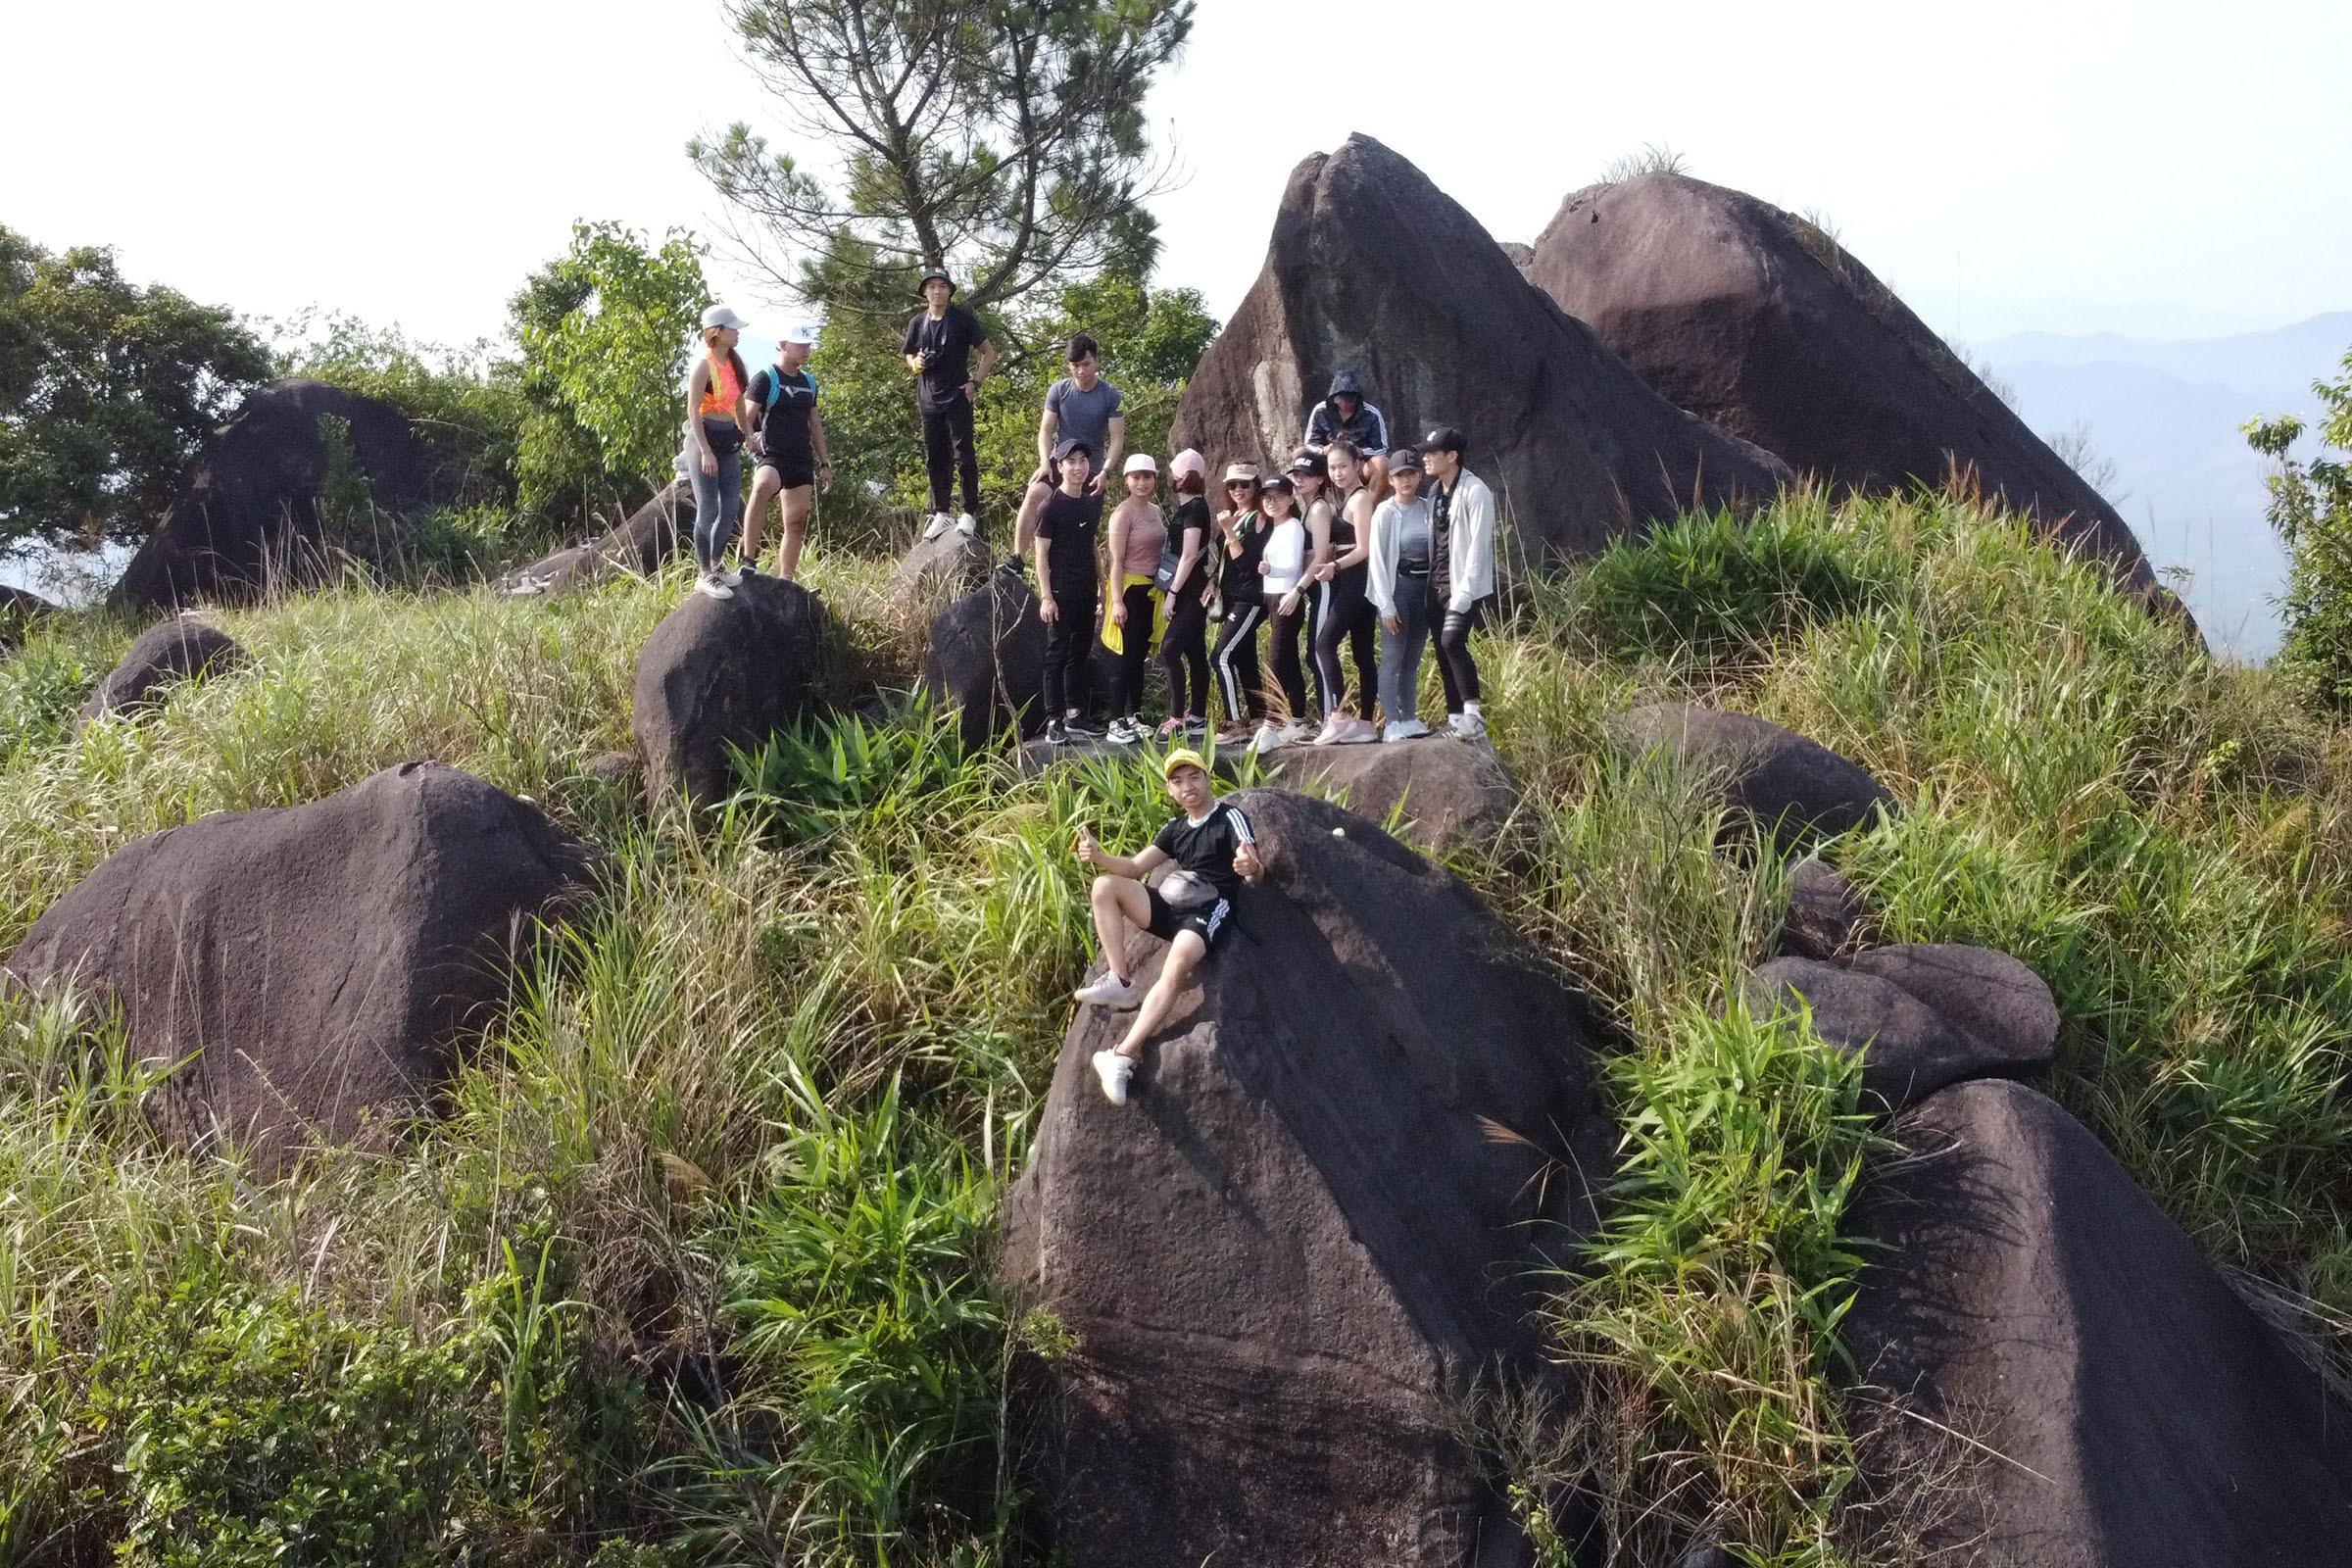 Nhóm bạn trẻ cảm thấy tự hào, vui vẻ khi lần đầu chinh phục núi Kim Phụng.